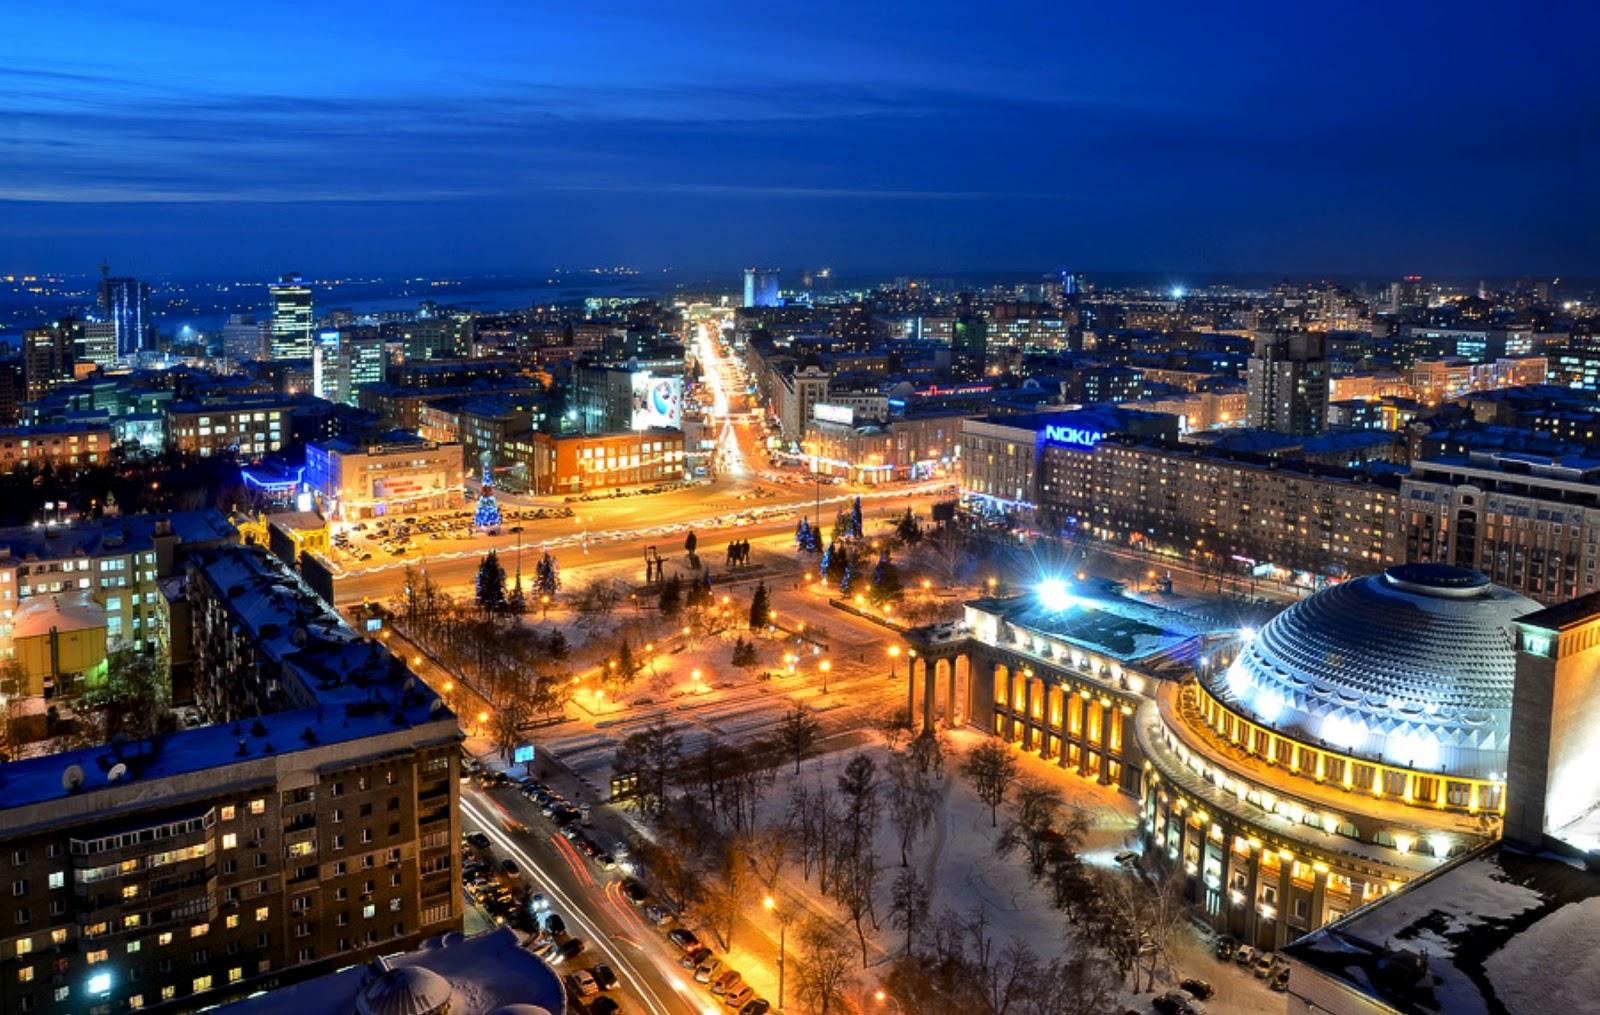 盘点2021年十大俄罗斯最富有城市插图7-小狮座俄罗斯留学